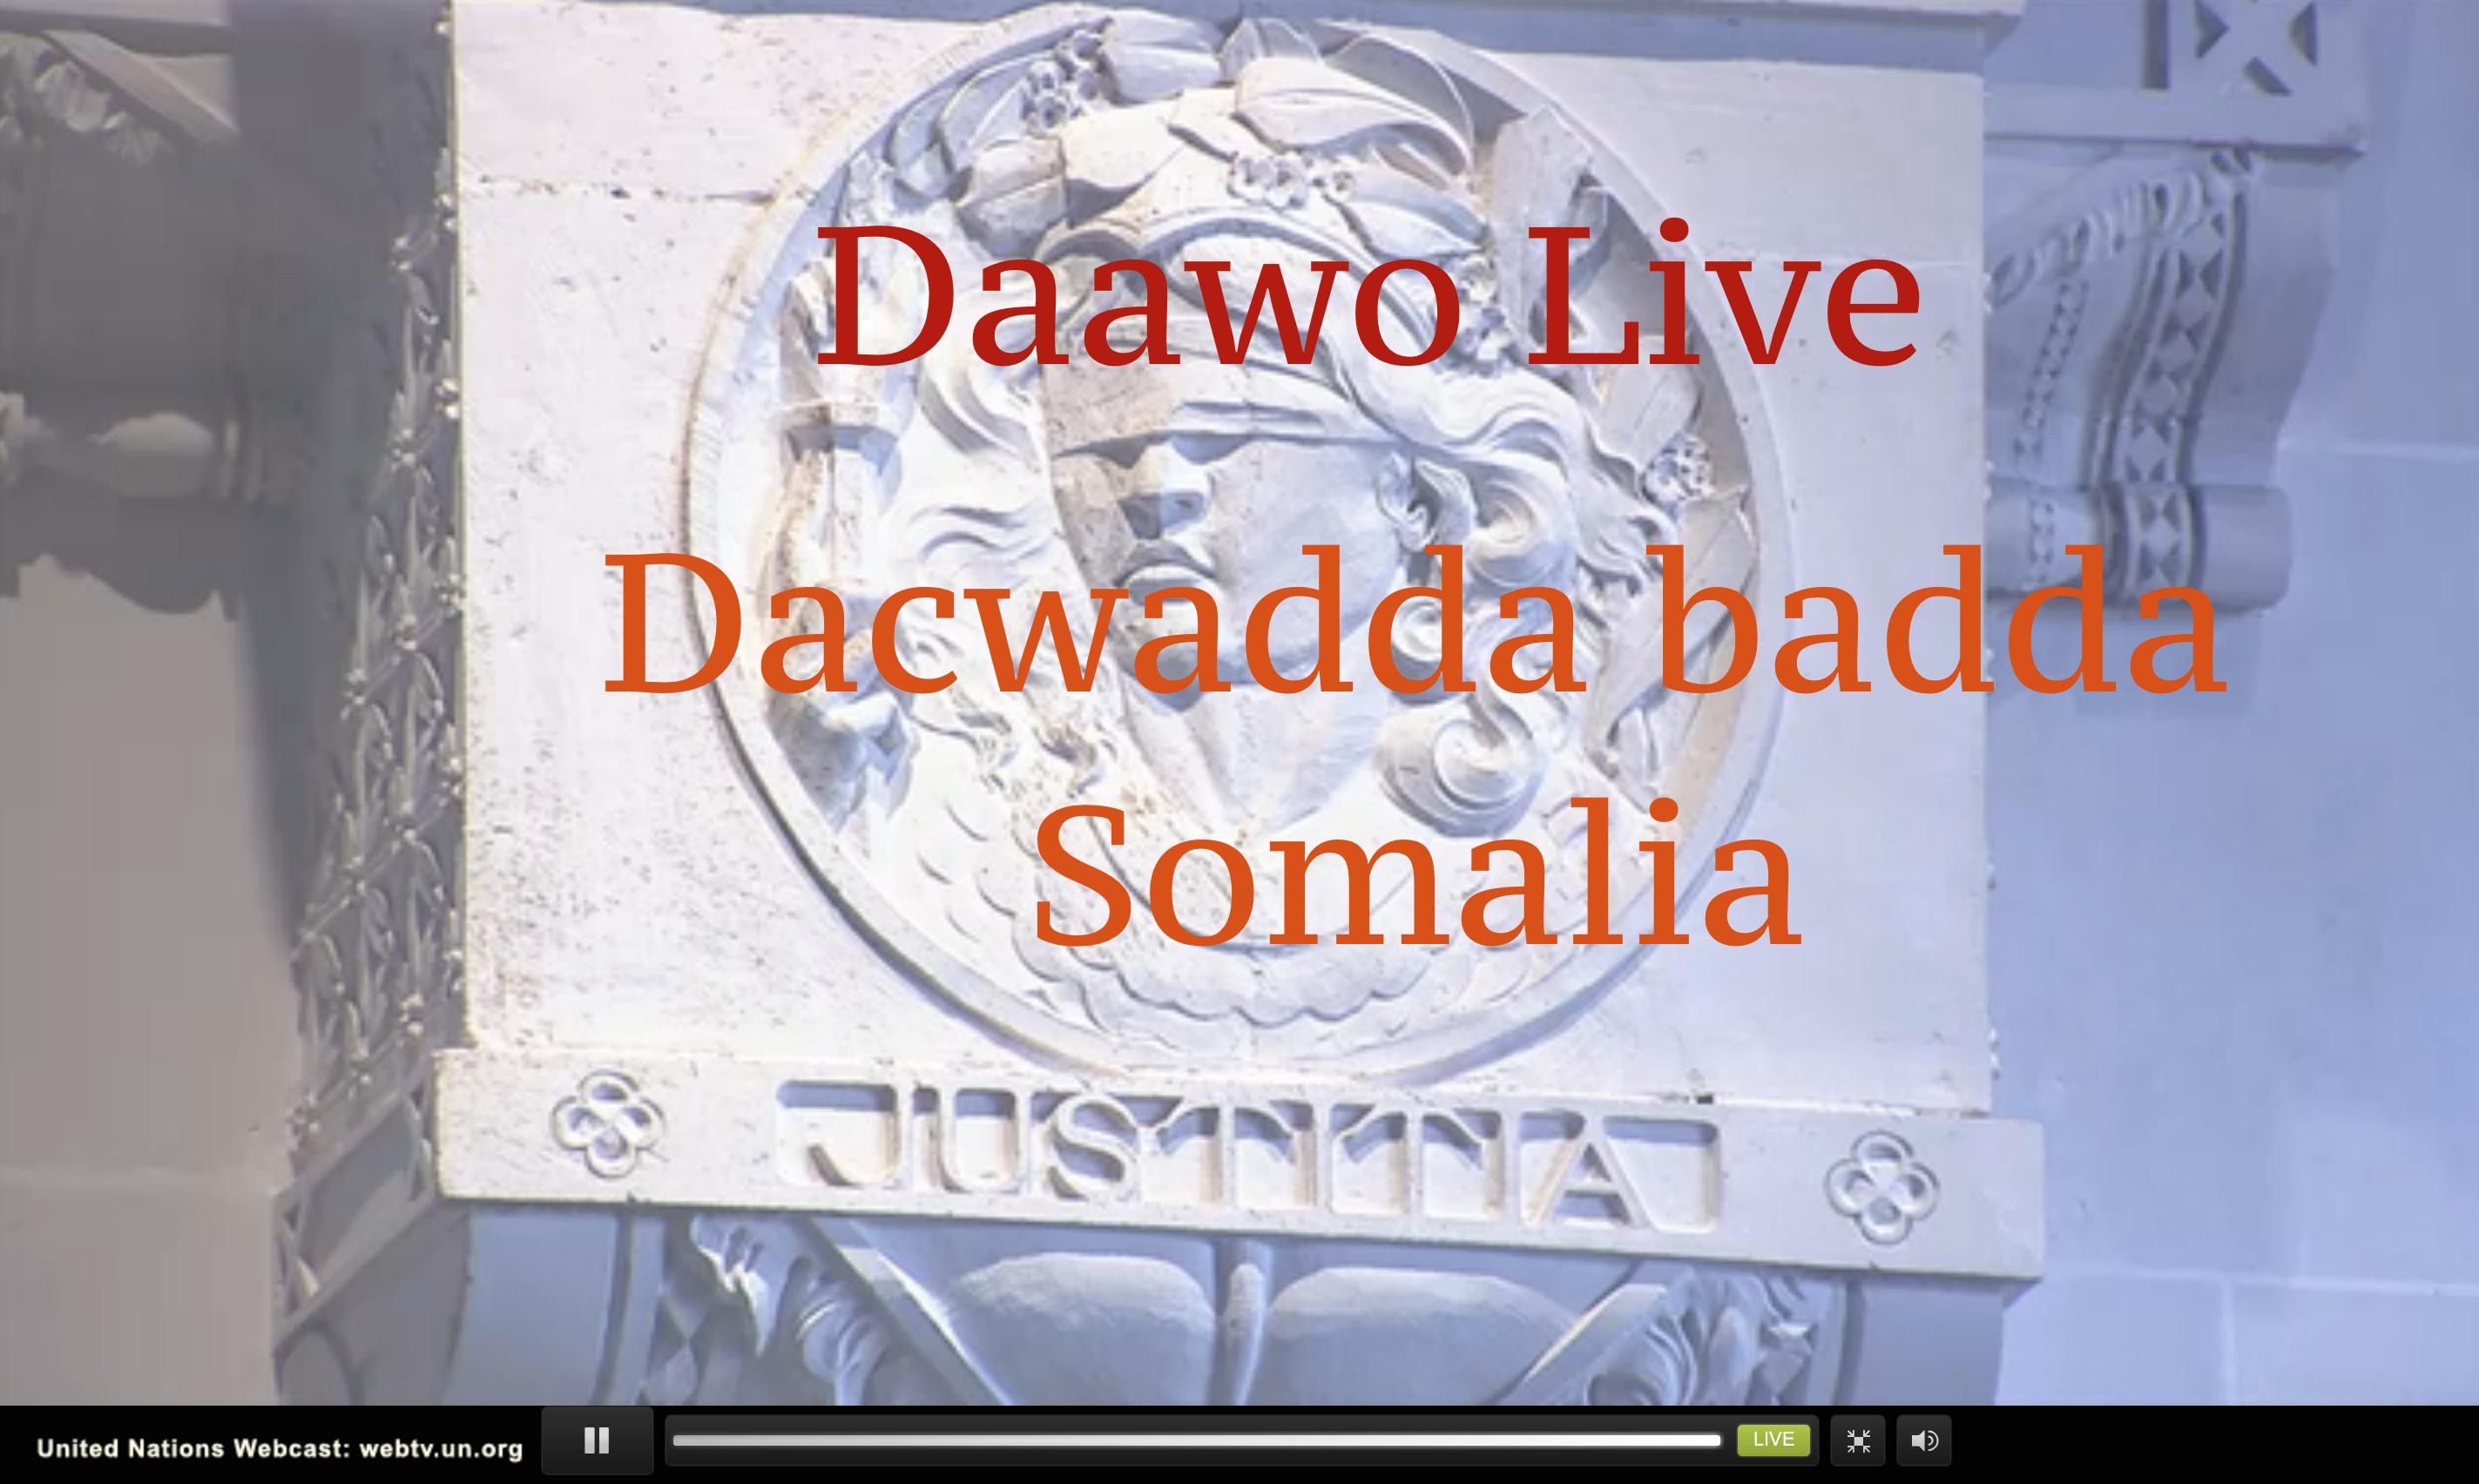 Daawo Live dacwadda badda Somalia iyo khudbadaha Xeer ilaaliyaha iyo Qareenadda metelaya Somalia